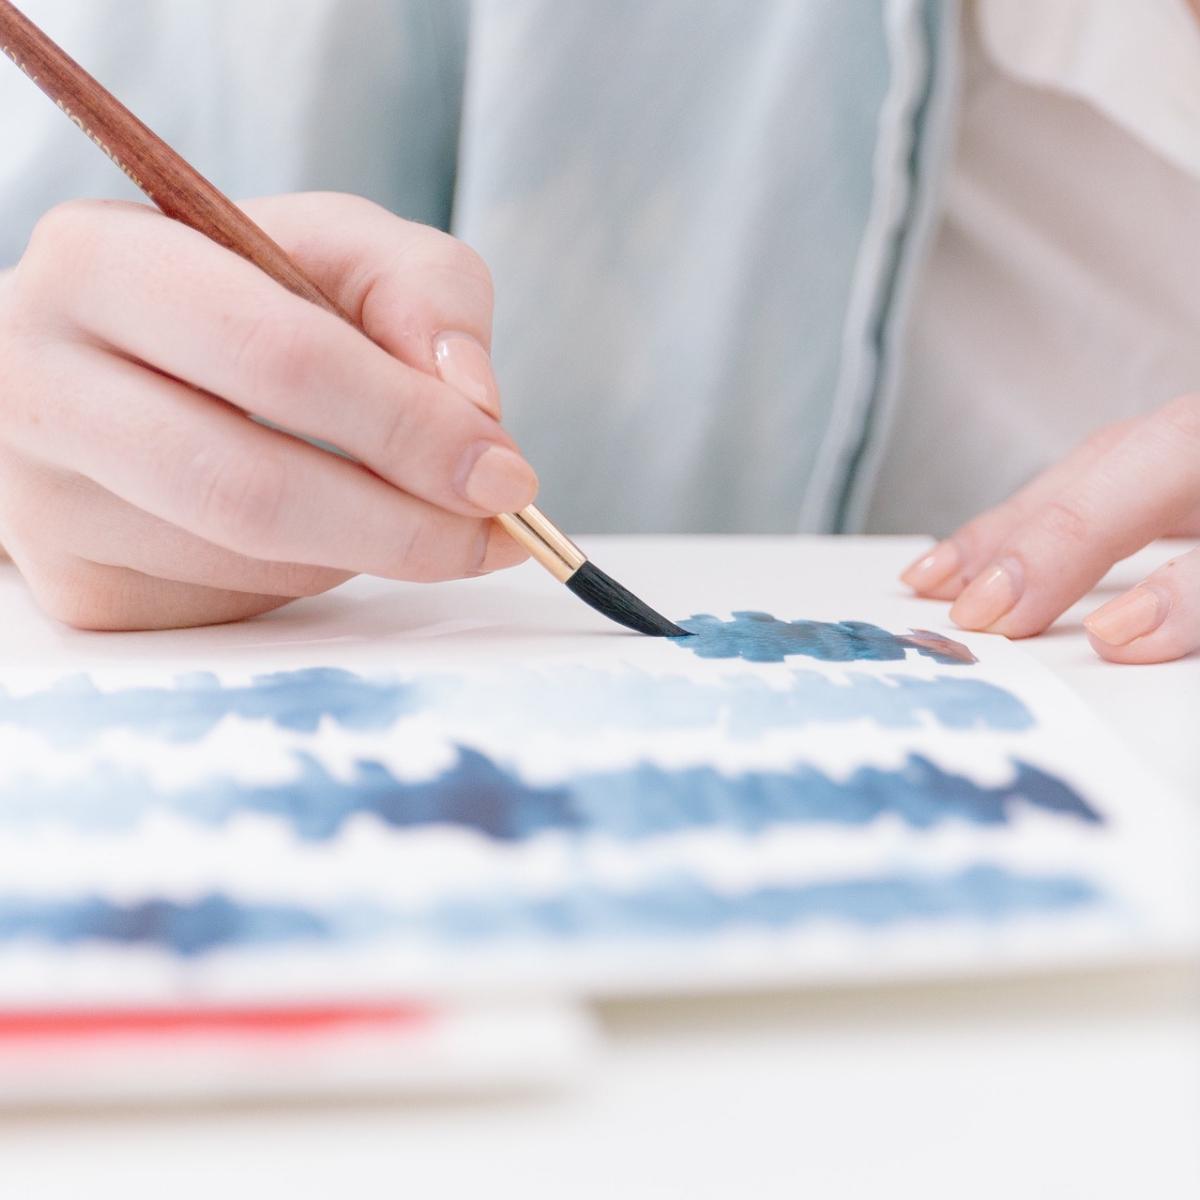 アロマテラピーサロン&教室で使えるイラスト素材サイト10選